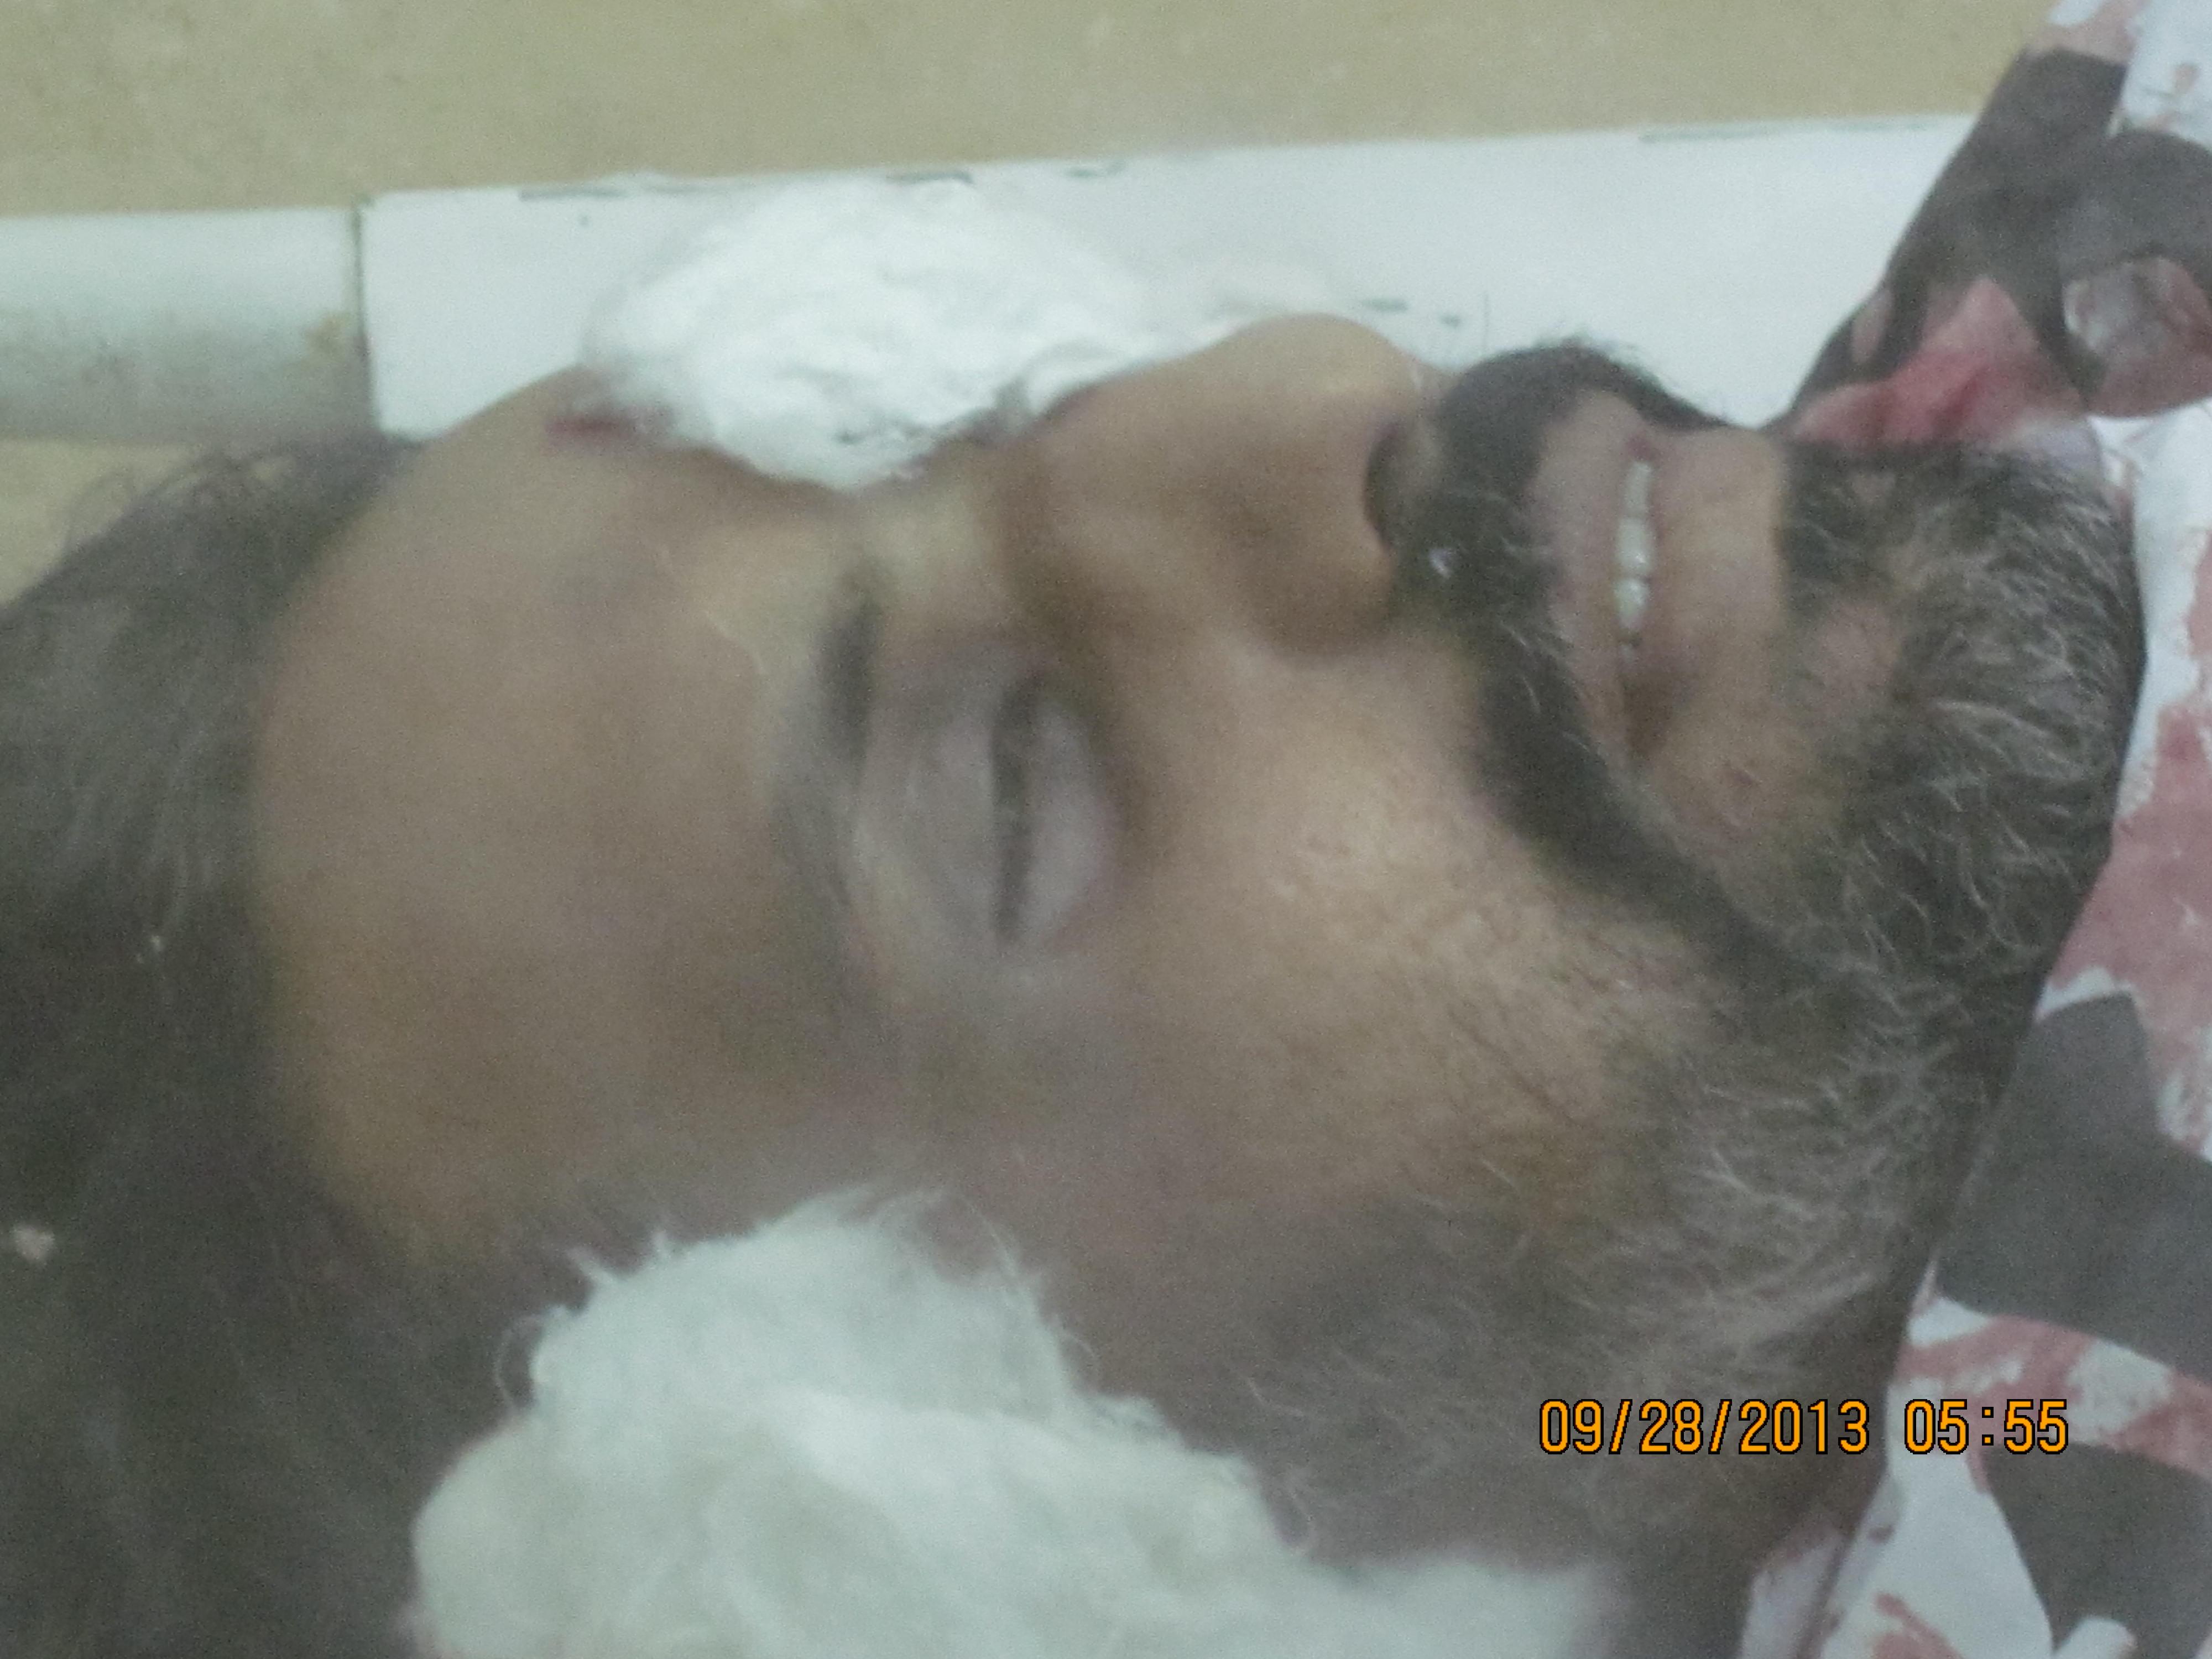 Shaheed kashif hussain